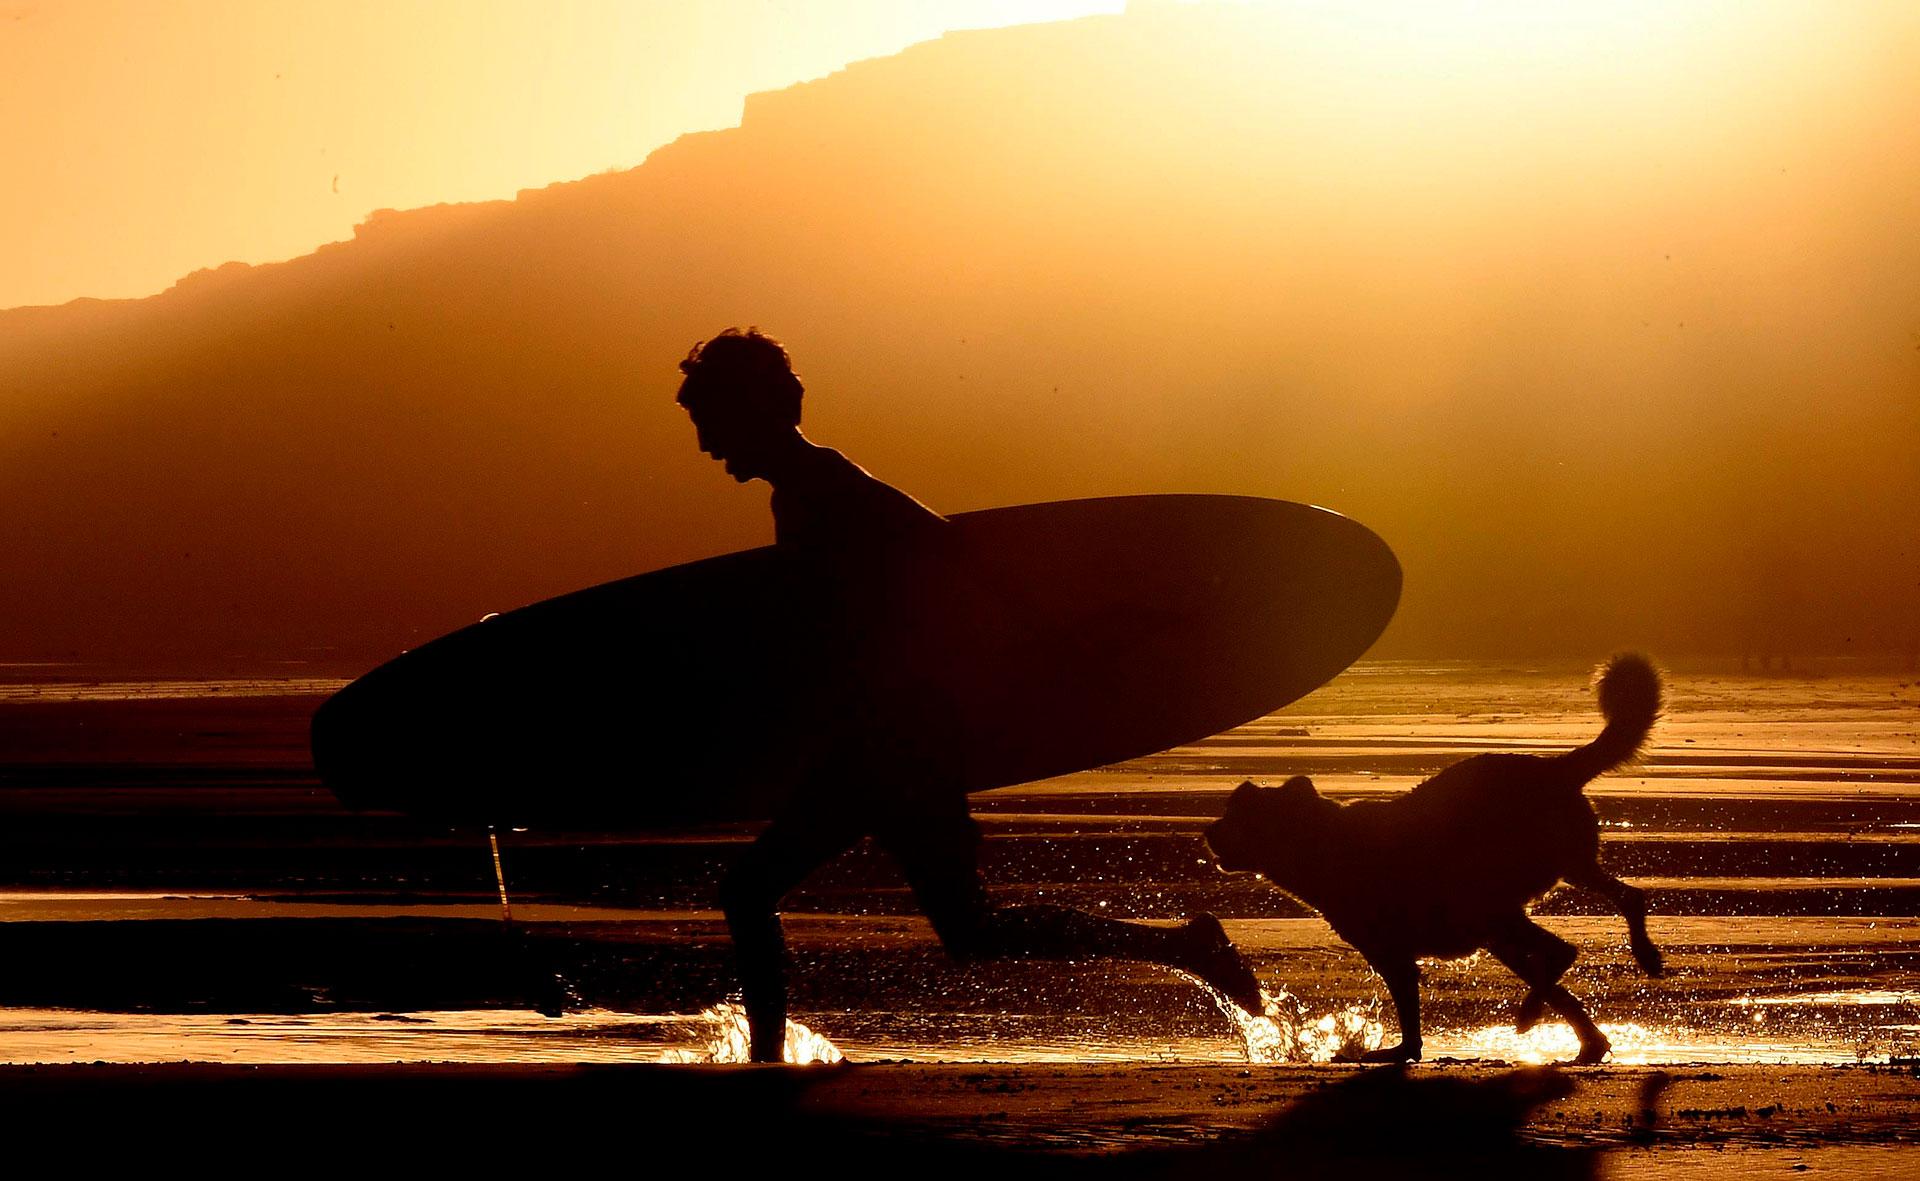 En medio de una intensa ola de calor, las playas de Viedma, en Río Negro, se transformaron en el único refugio para sus visitantes debido a las altas temperaturas que llegaron hasta 48 grados